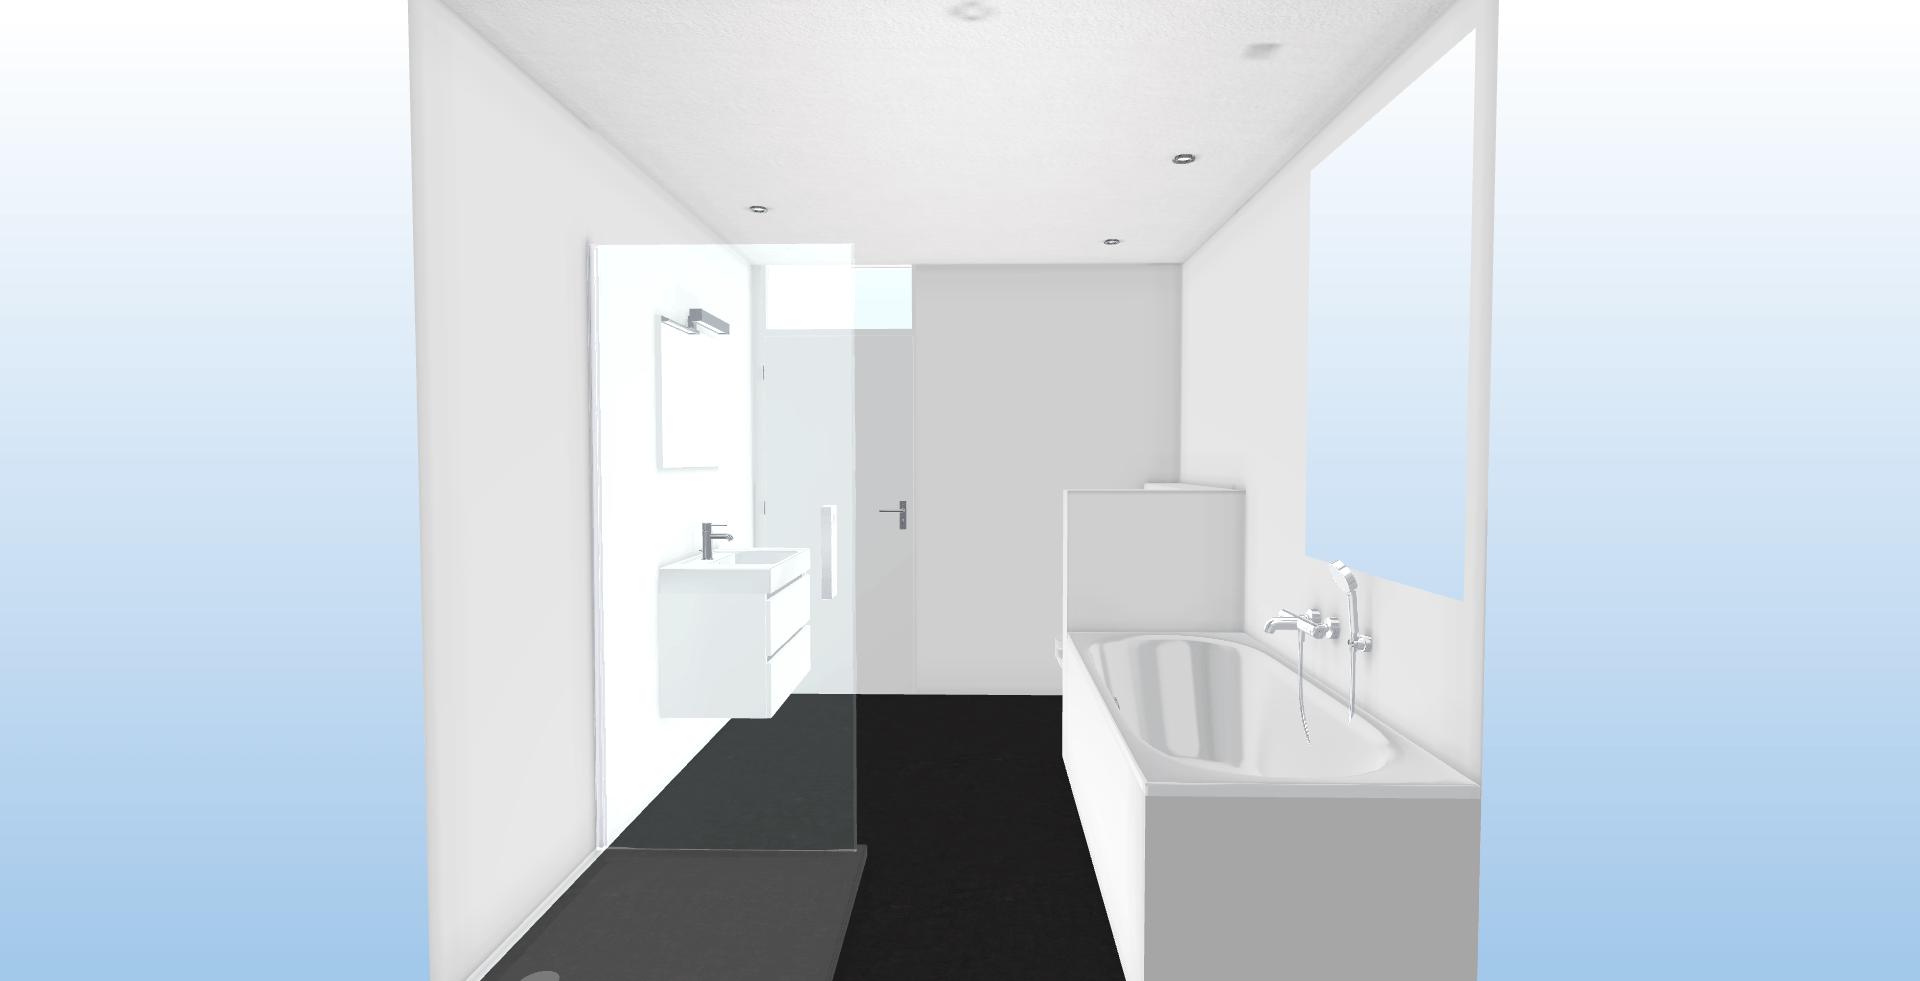 Vierkante badkamer ontwerp pagie bad tegeldesign - Badkamer ontwerp ...